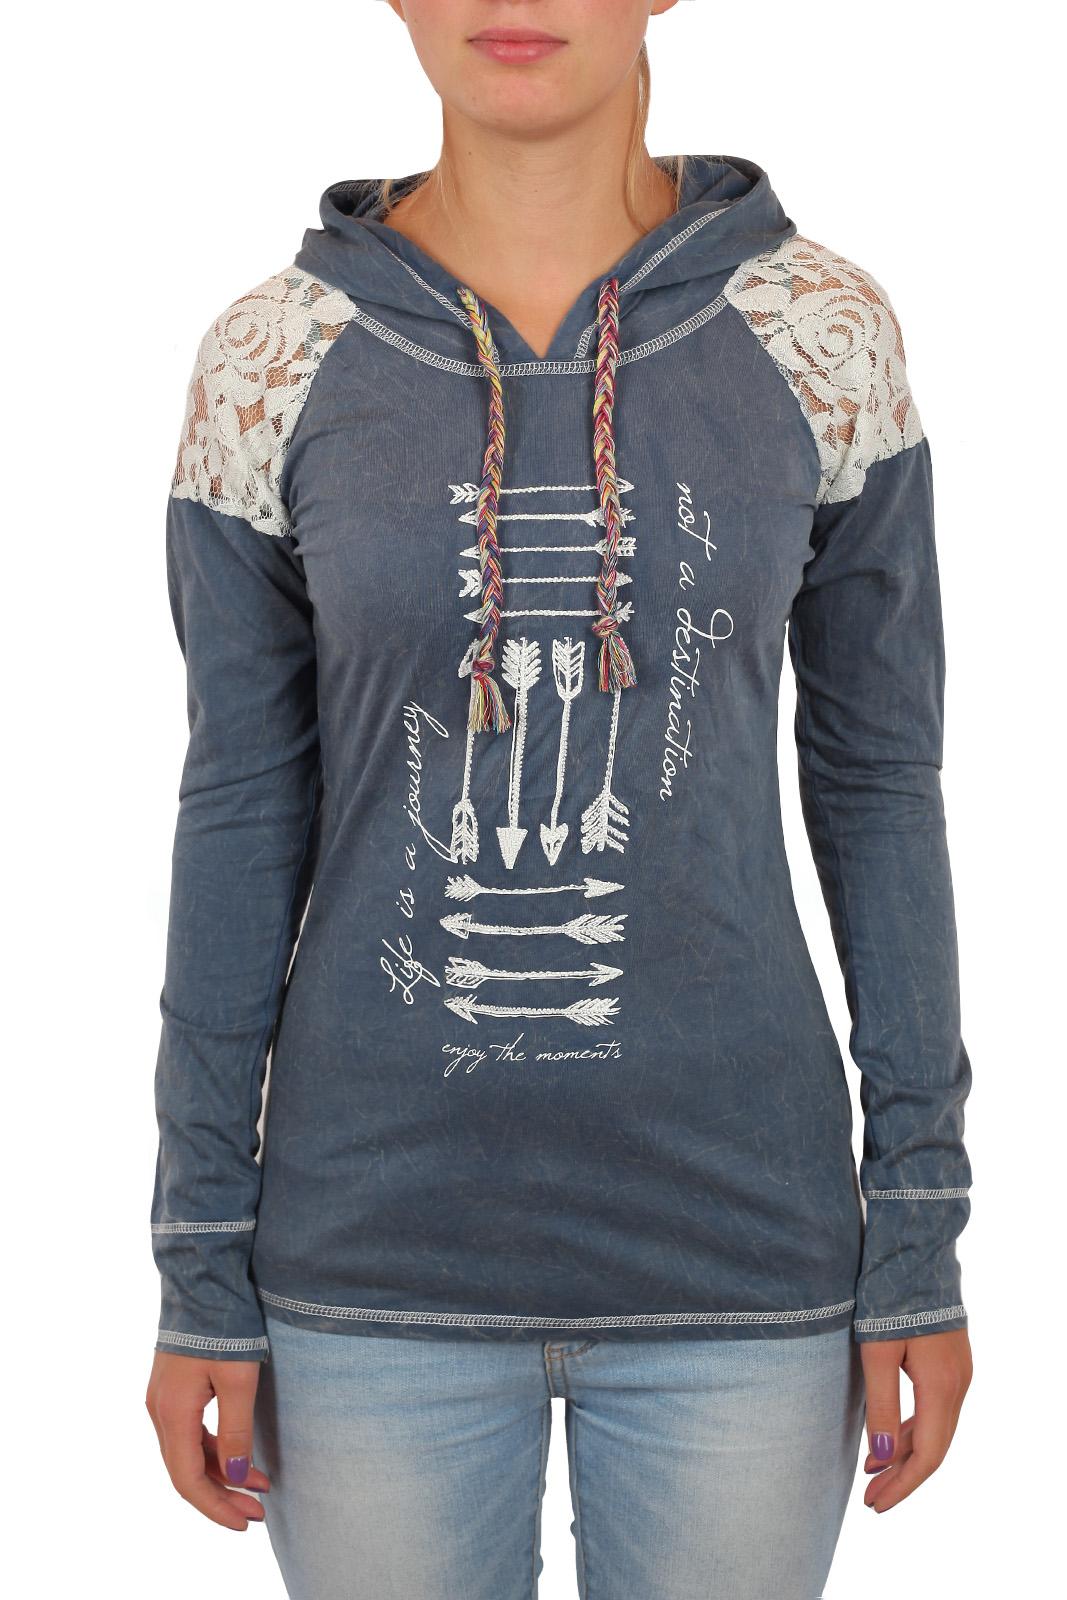 Женские свитера регланы по низкой цене